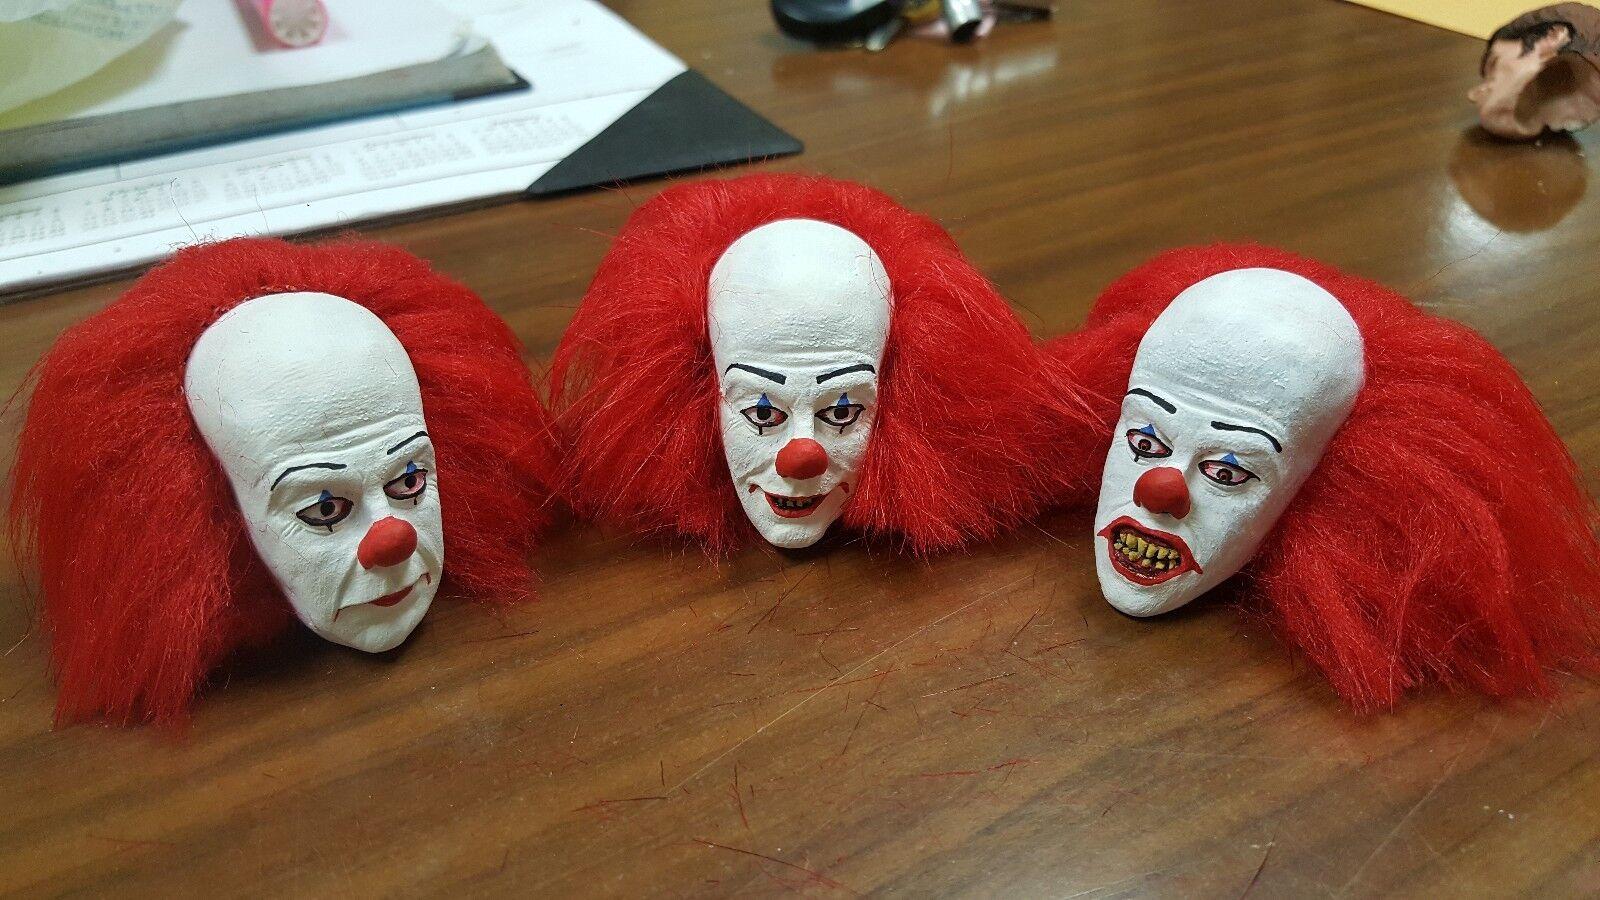 Der clown pennywise aus klassischen version 3 kopf für 12 zoll körper neue wurzel